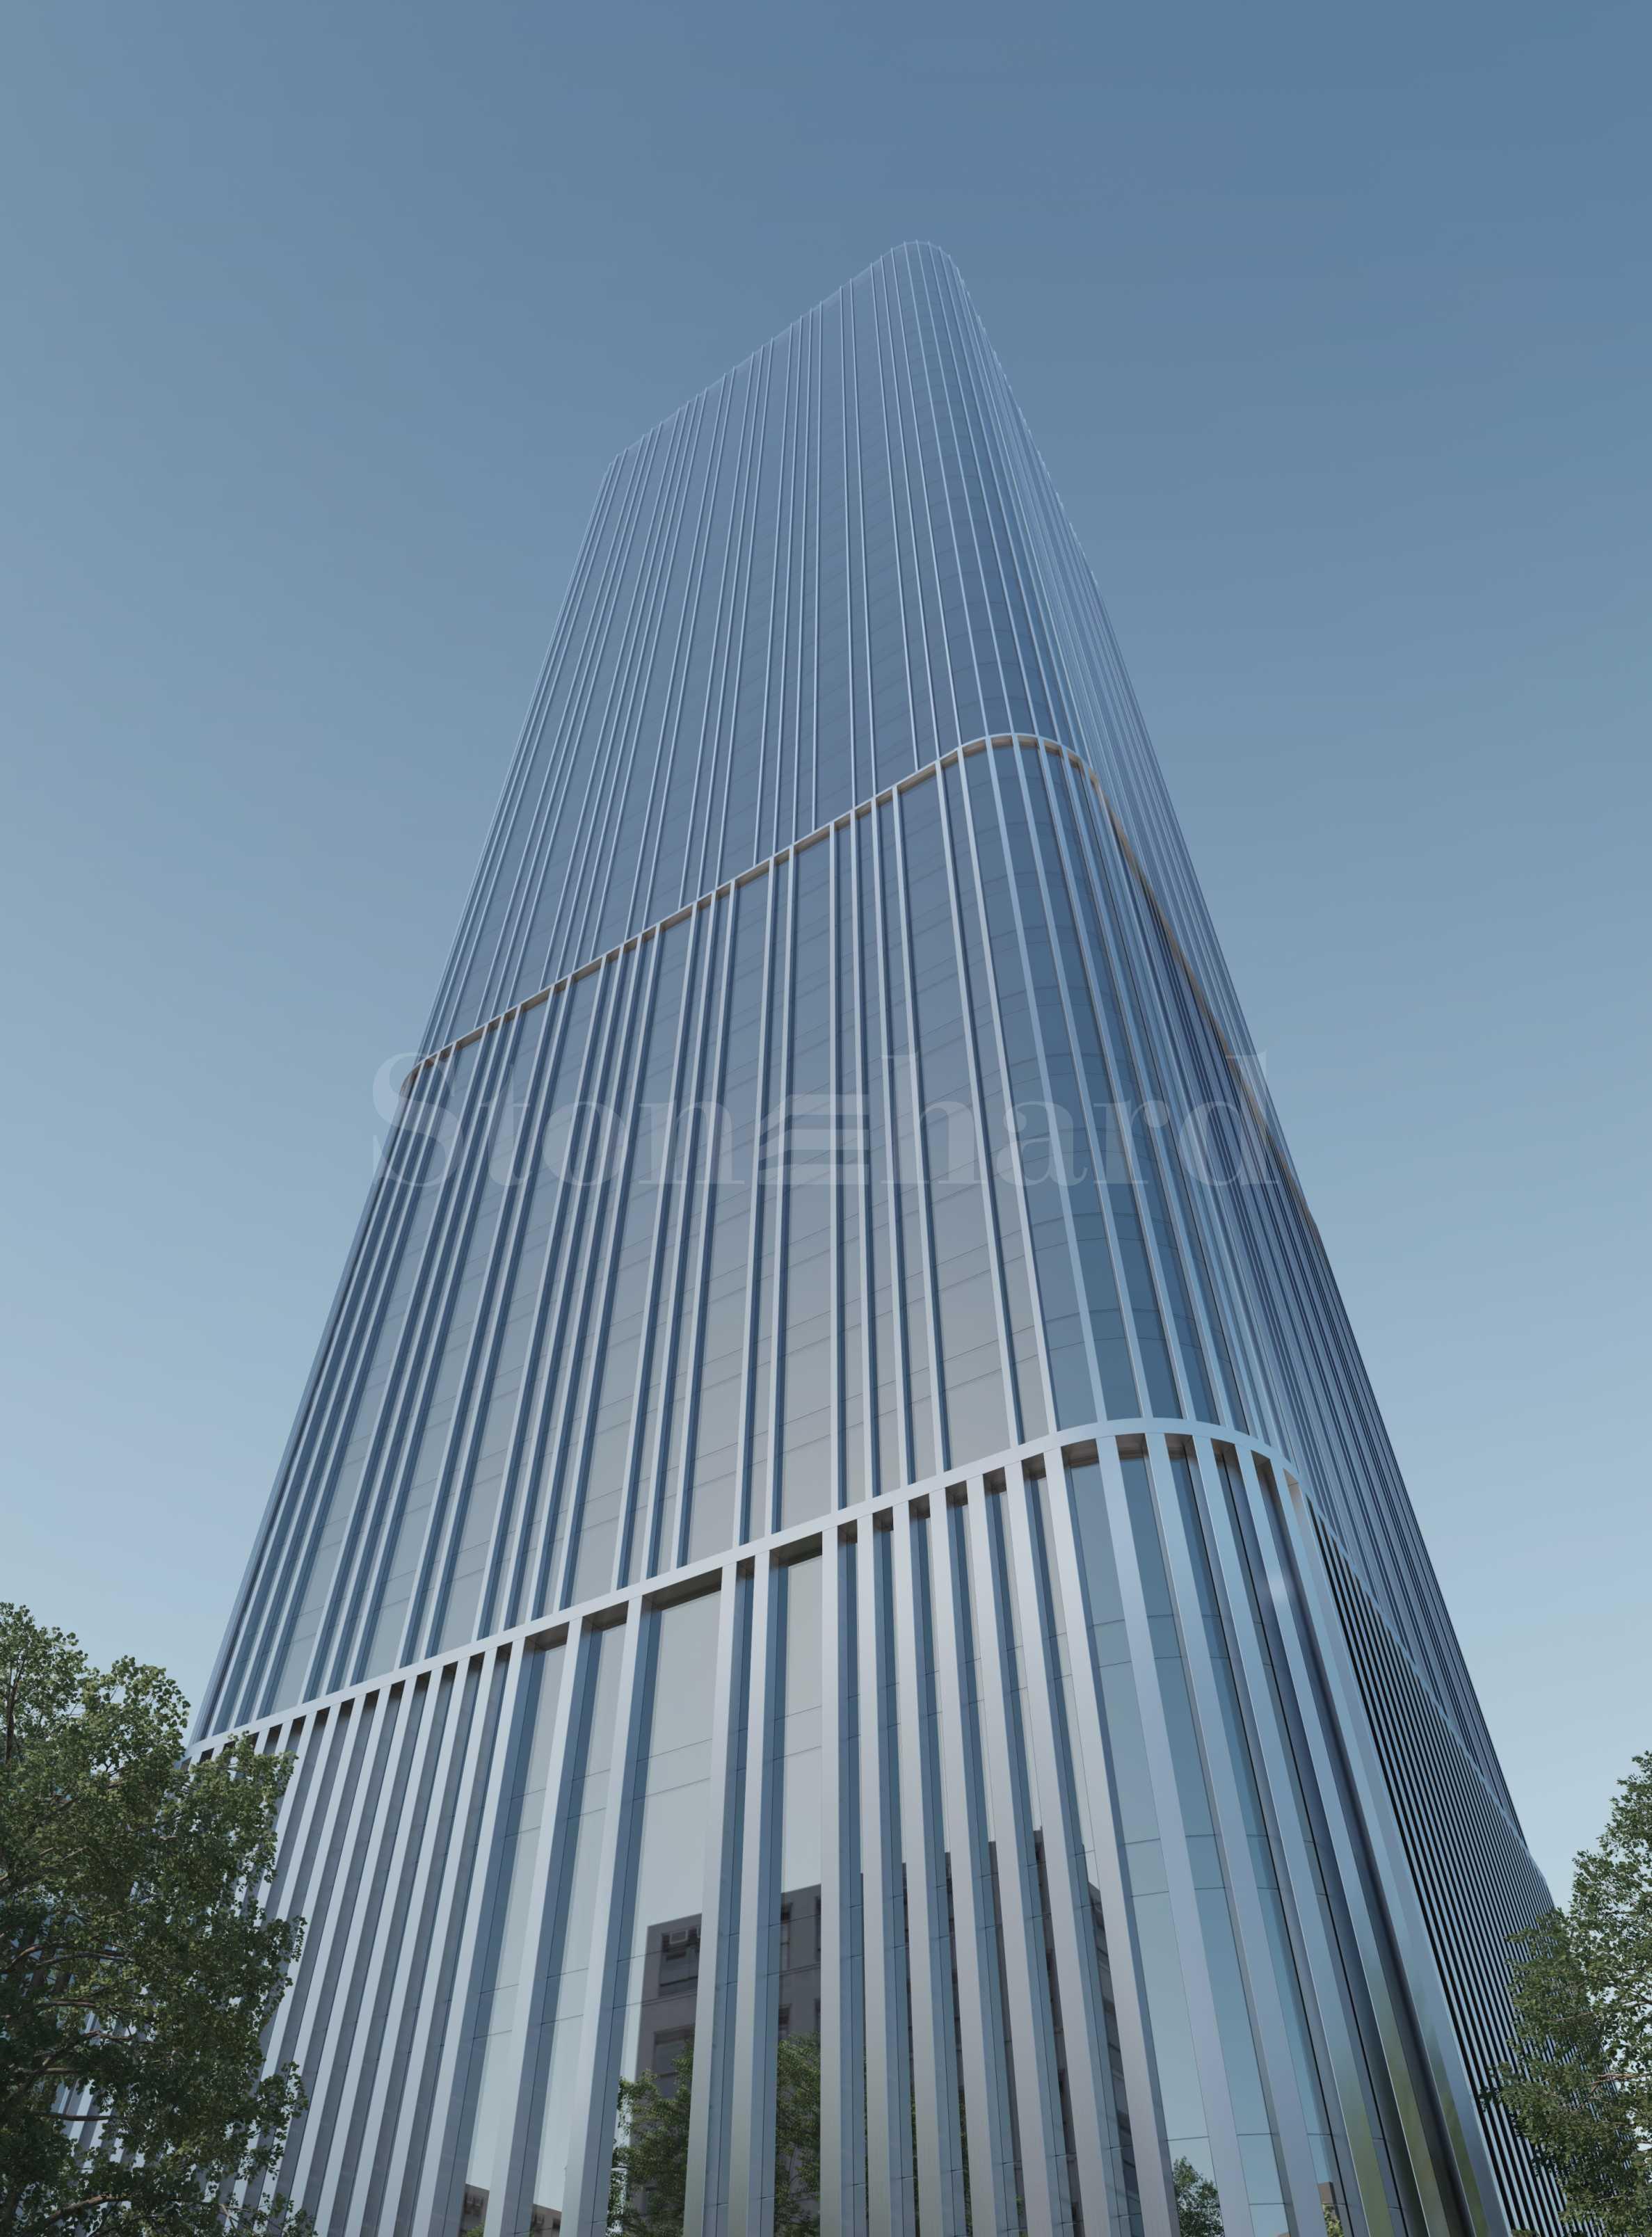 Предварителни продажби на апартаменти в новия небостъргач във Варна2 - Stonehard